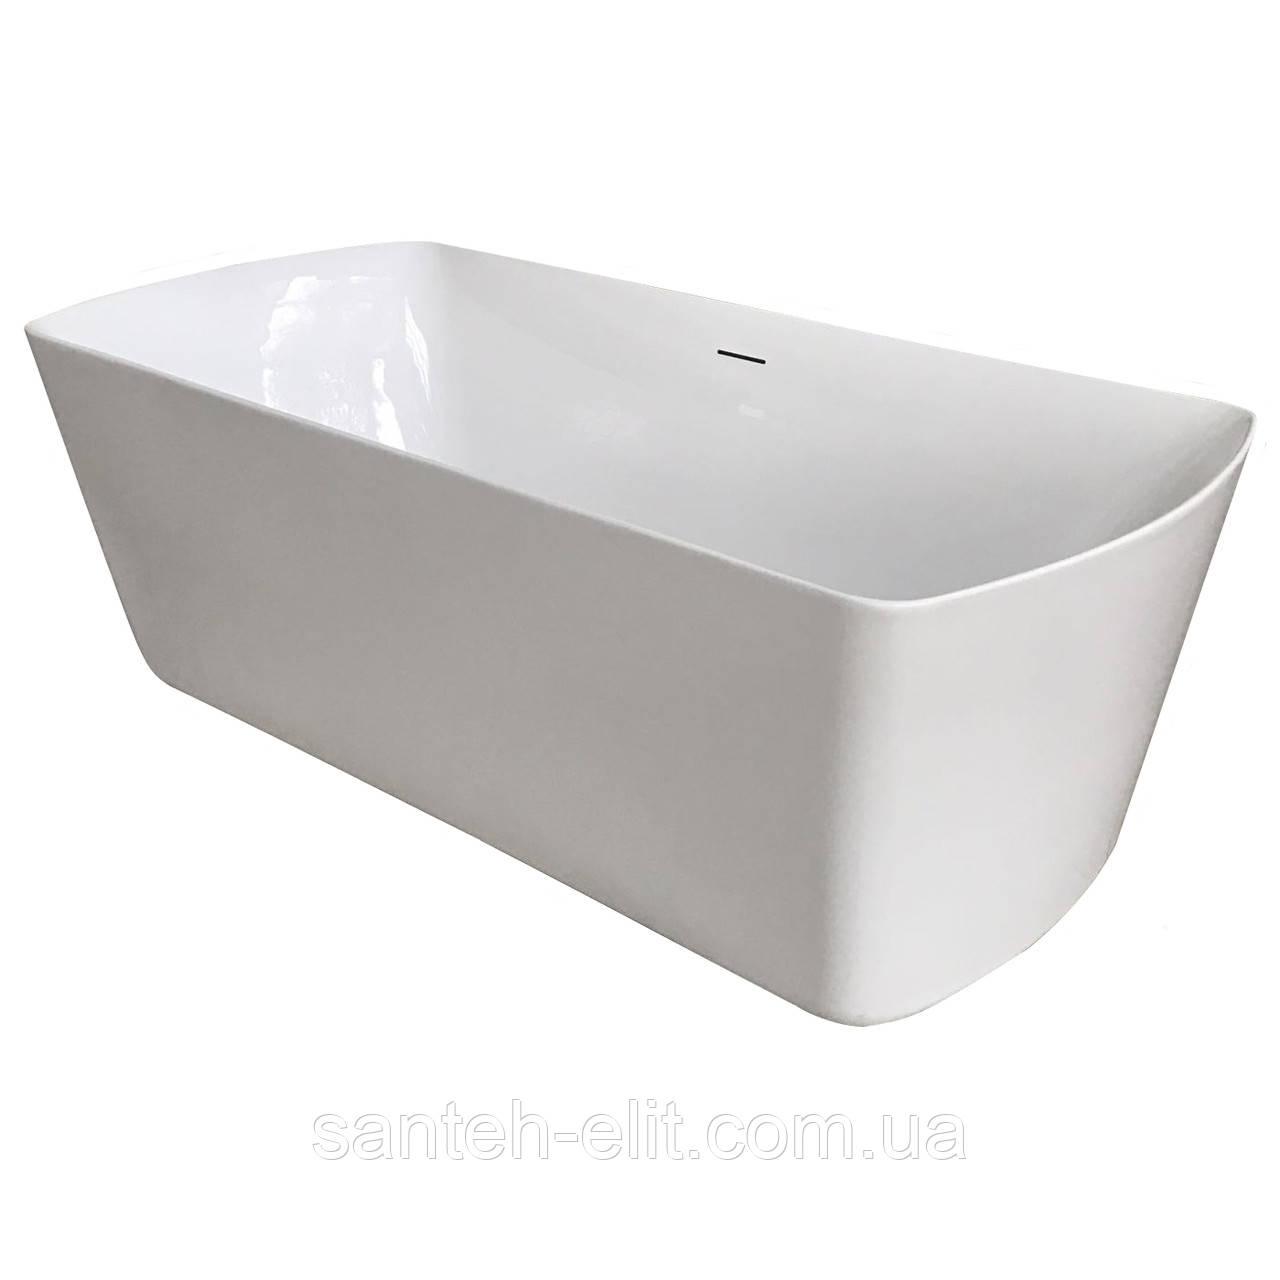 Ванна Volle отдельностоящая 180х85, с сифоном (12-22-804)